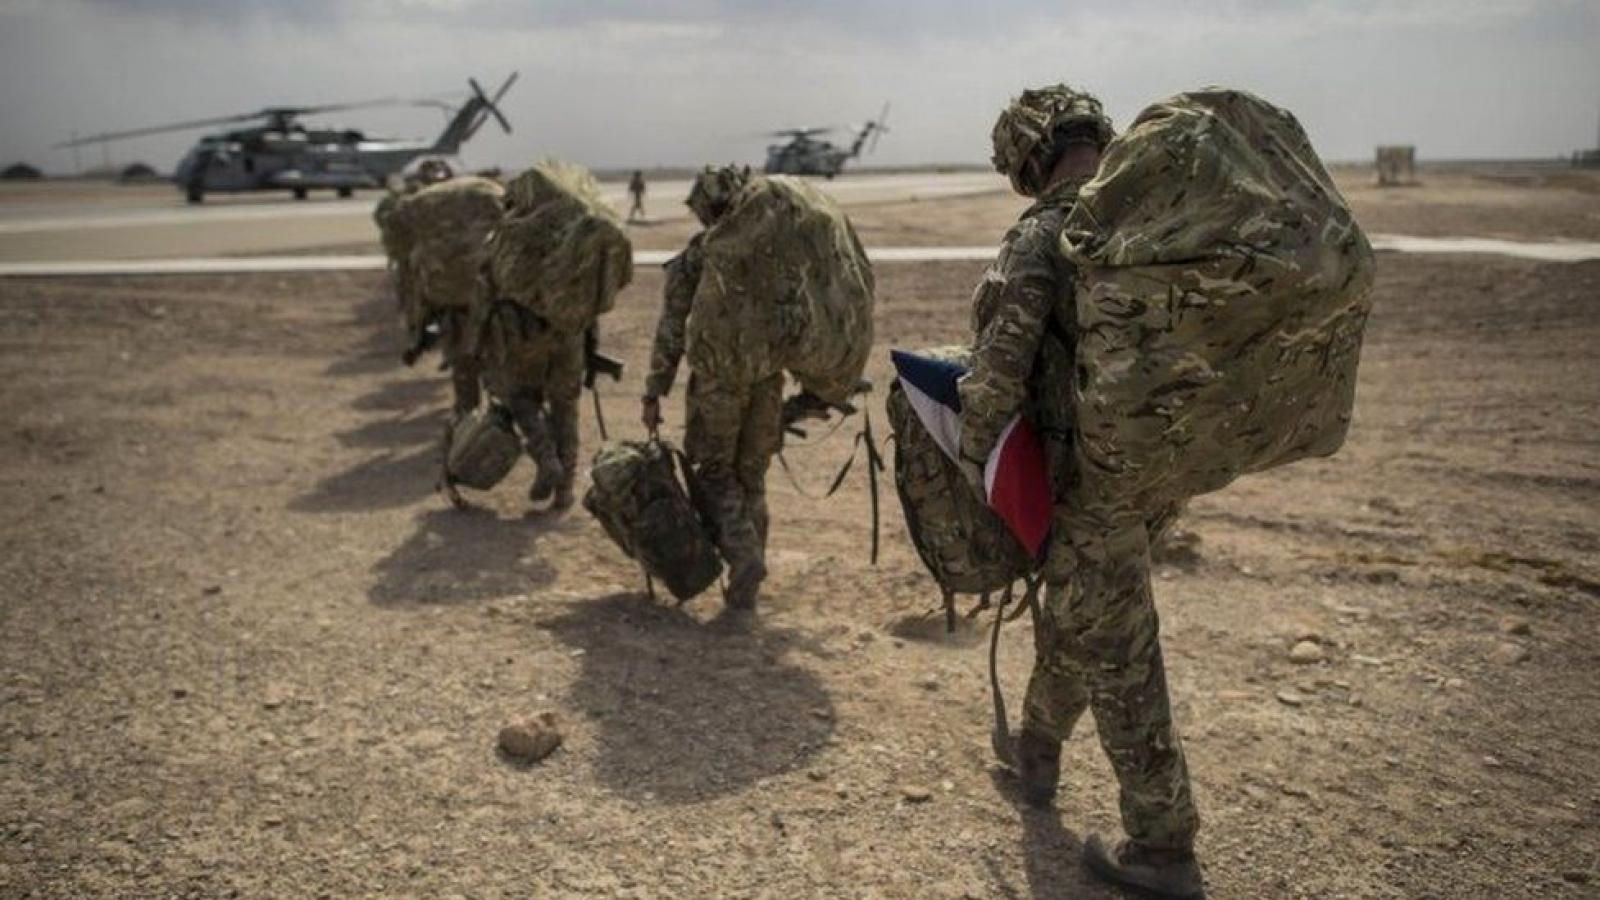 """Phương Tây """"bán tương lai"""" của Afghanistan, nhận về nguy cơ khủng bố?"""